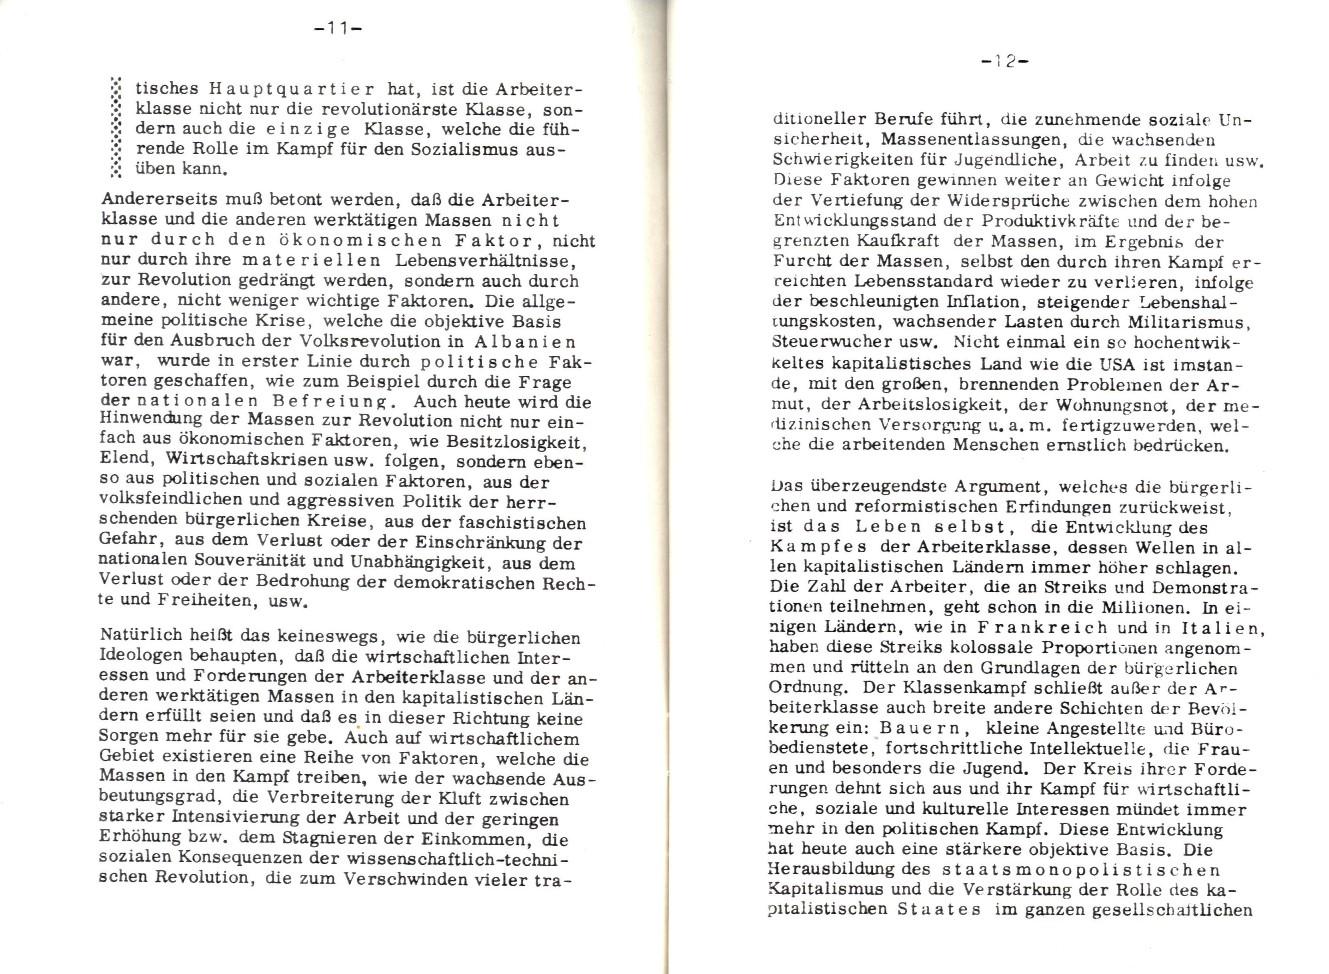 MLSK_Theorie_und_Praxis_des_ML_1978_23_09